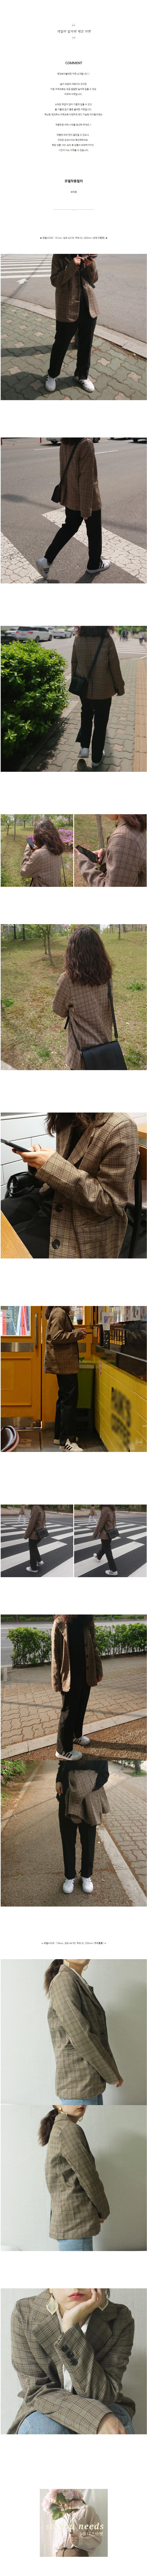 봄 가을 겨울 데일리 일자핏 체크 자켓 - 소유니즈마켓, 39,800원, 아우터, 자켓